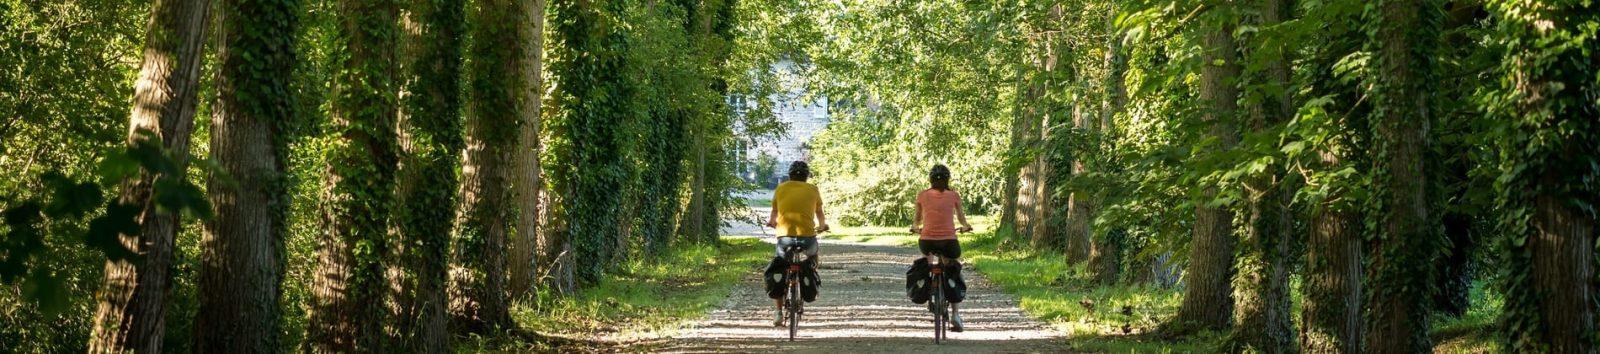 Vélo à Saint-Marie-du-Mont - Emmanuel Berthier